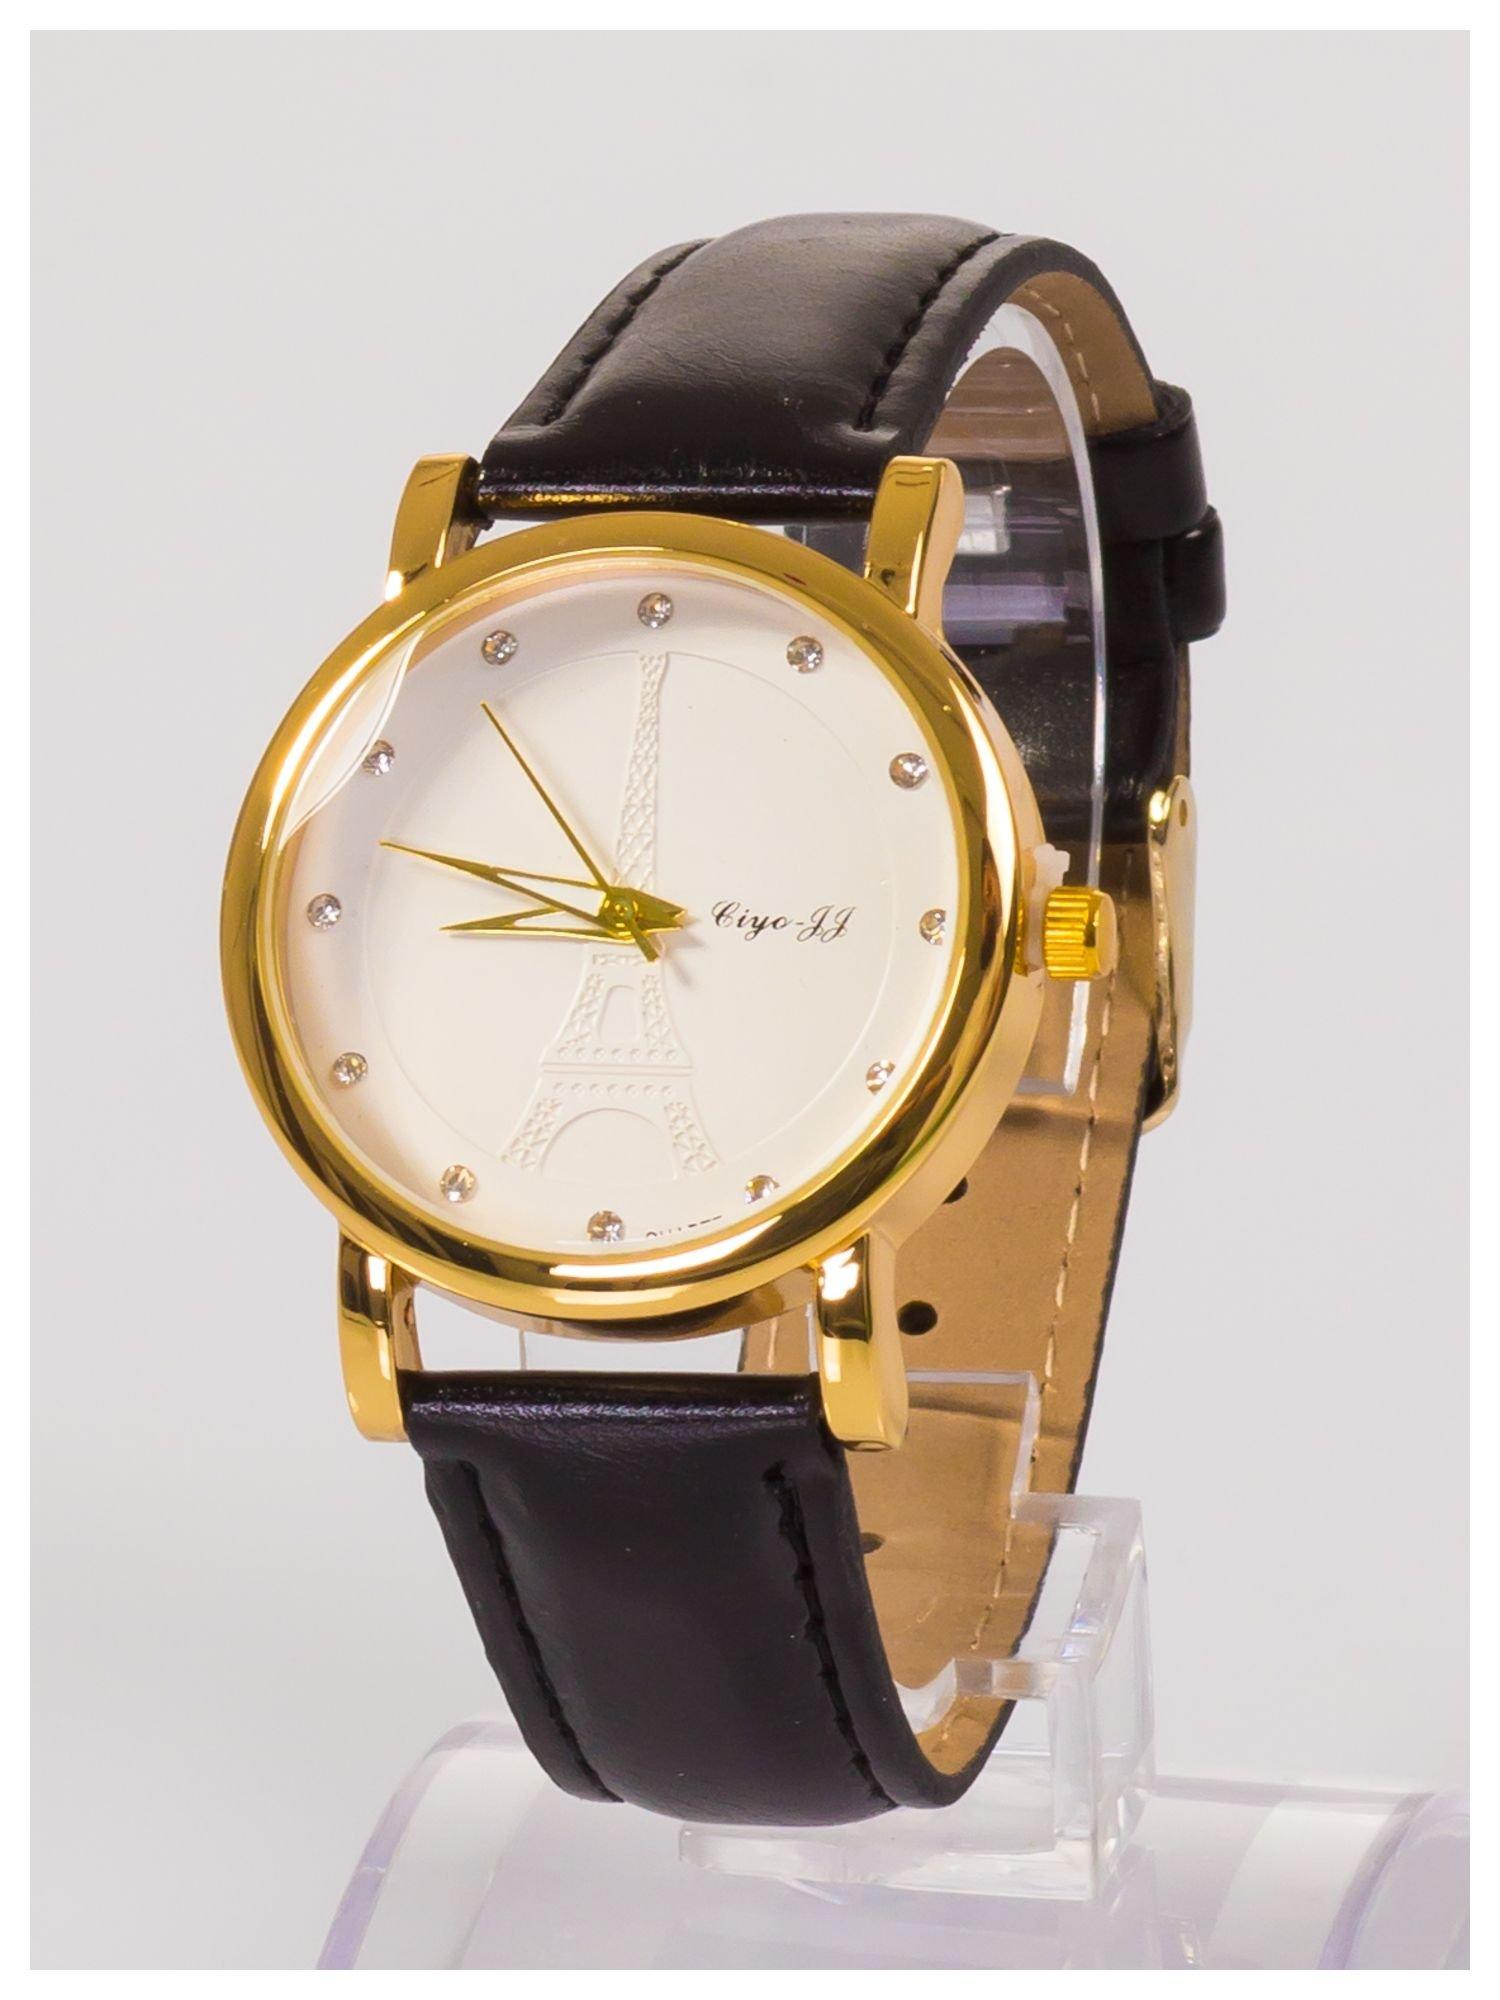 Damski zegarek z cyrkoniami z motywem wieży Eiffla na tarczy                                  zdj.                                  3